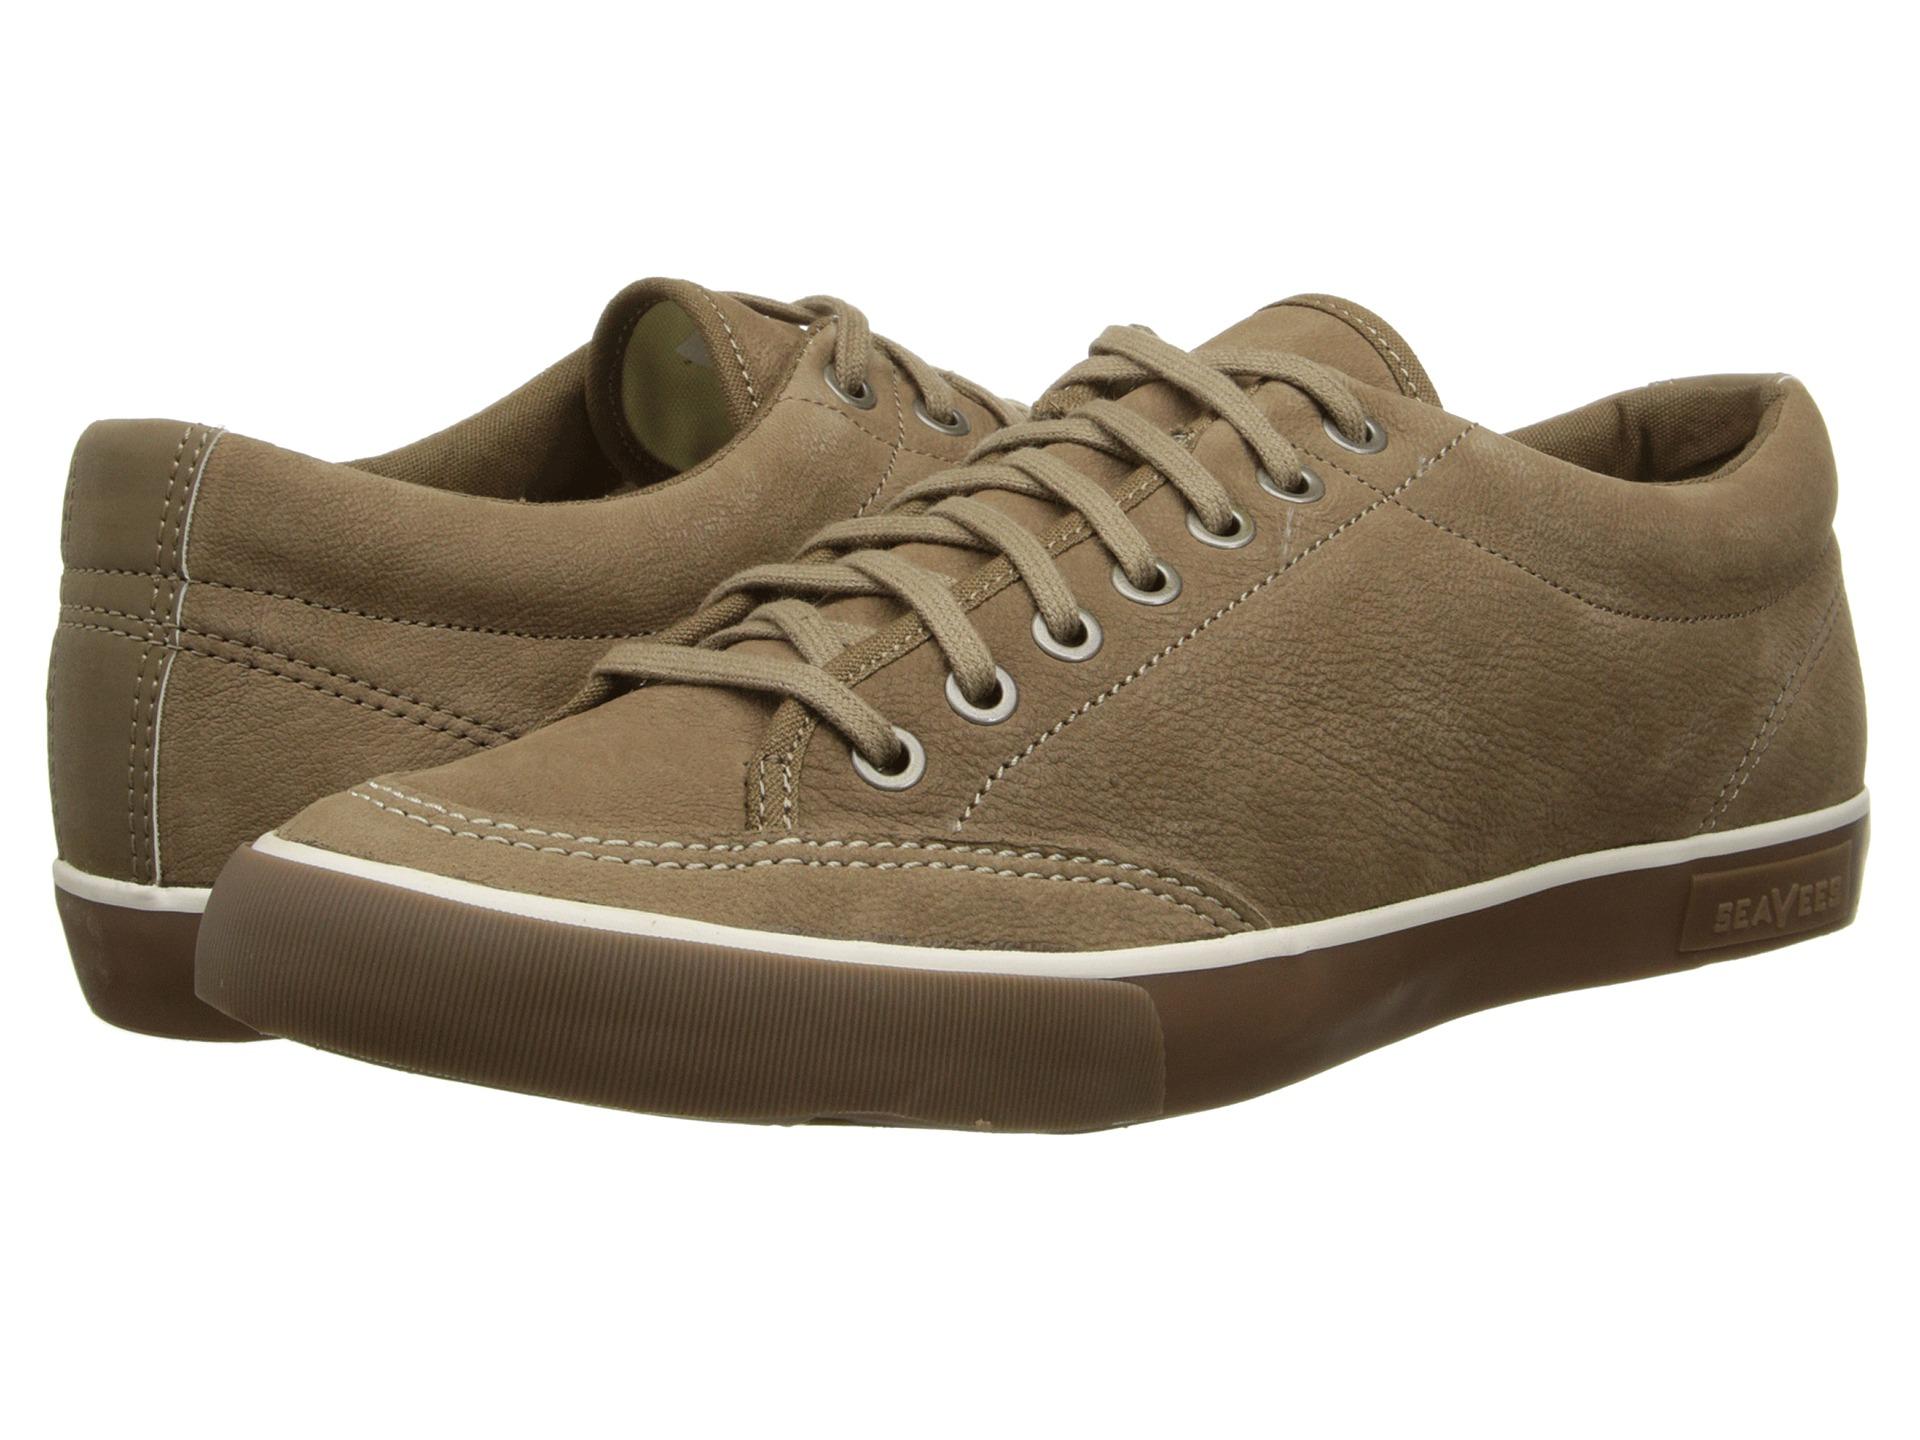 seavees 05 65 westwood tennis shoe roadster shoes